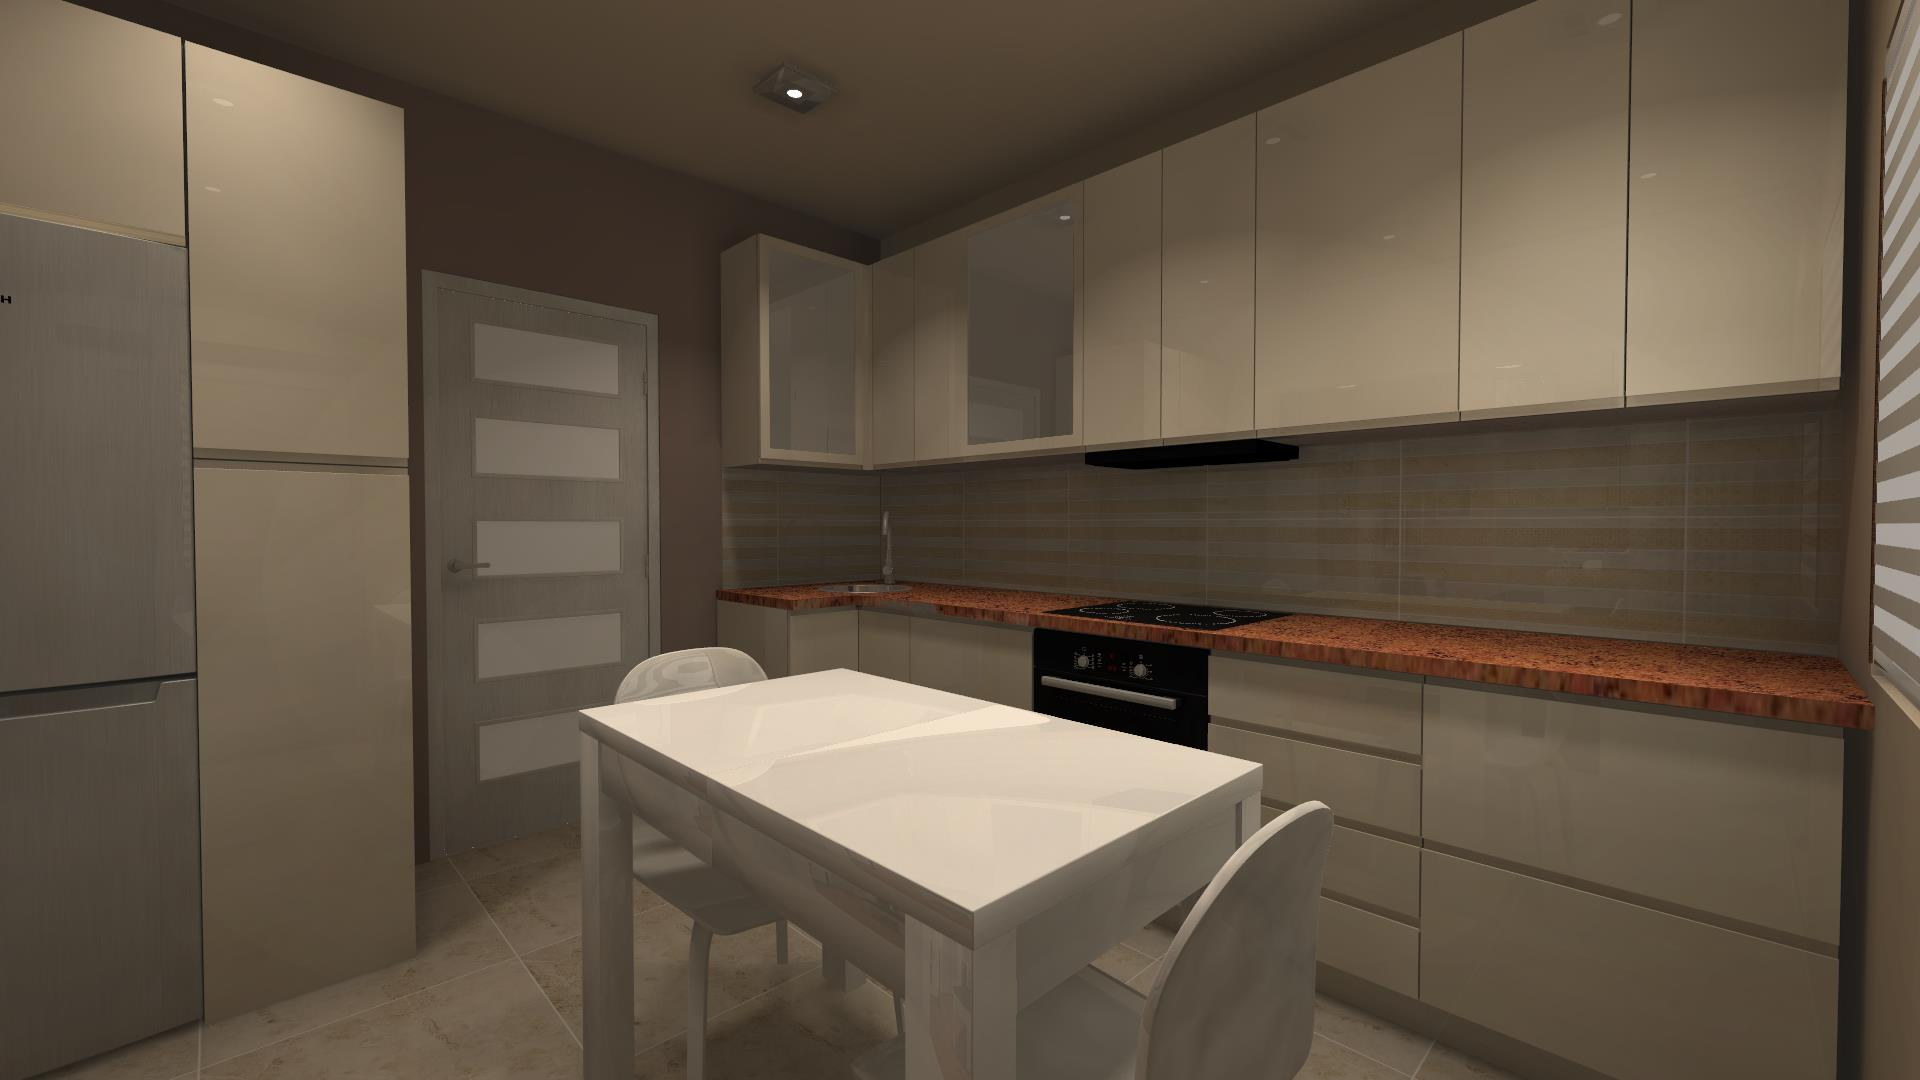 Pokój telewizyjny + kuchnia